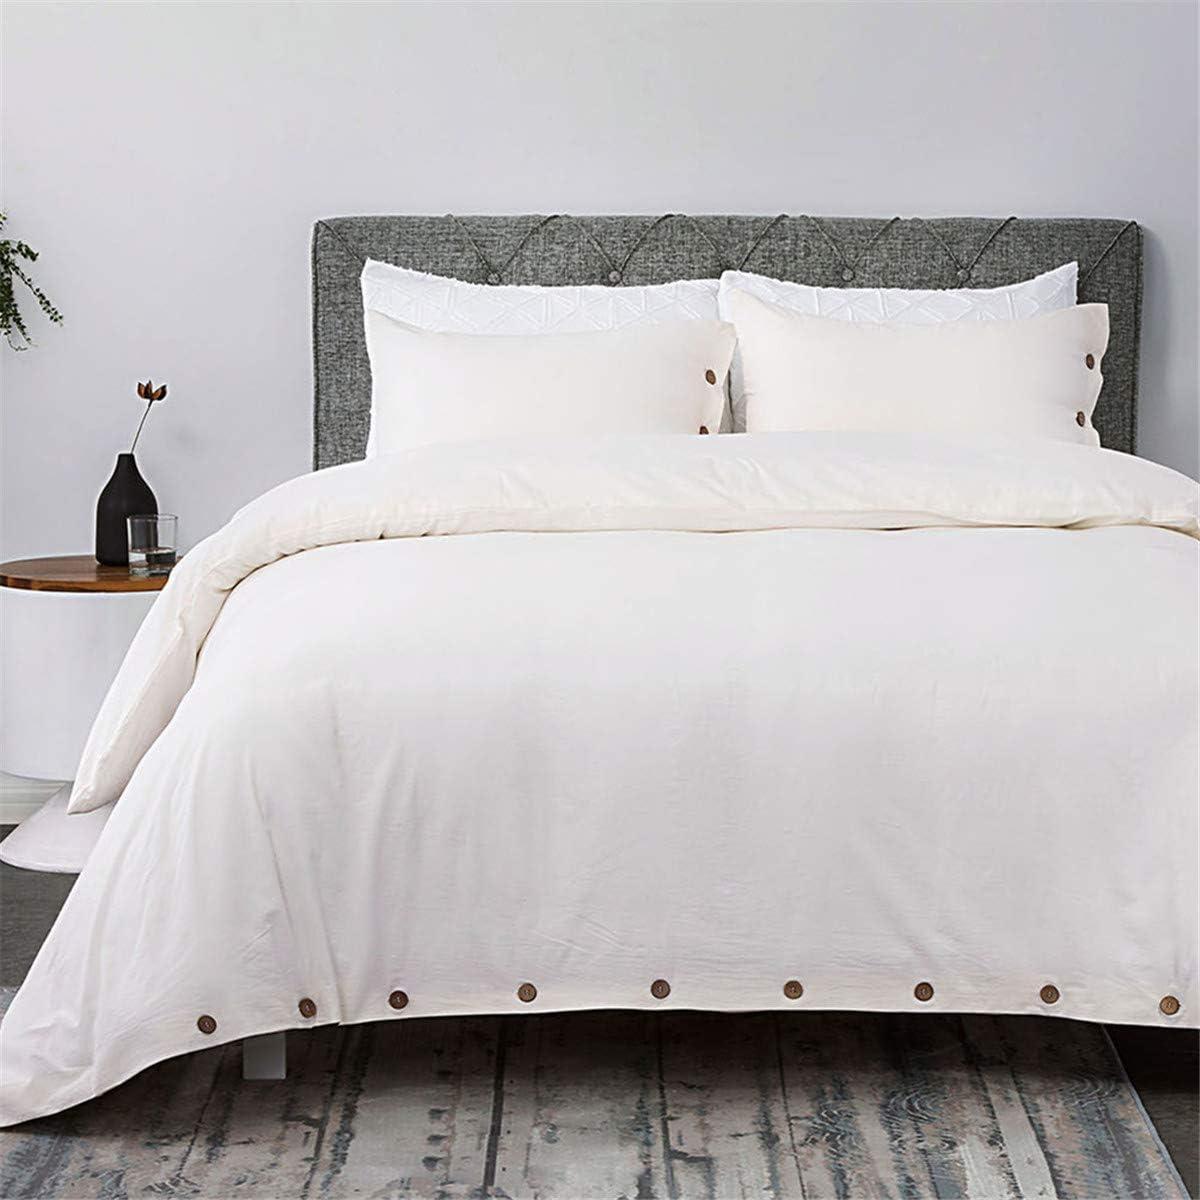 Bedsure 100% Washed Cotton Duvet Cover Sets Twin Size Cream Bedding Set 2 Pieces (1 Duvet Cover + 1 Pillow Sham)